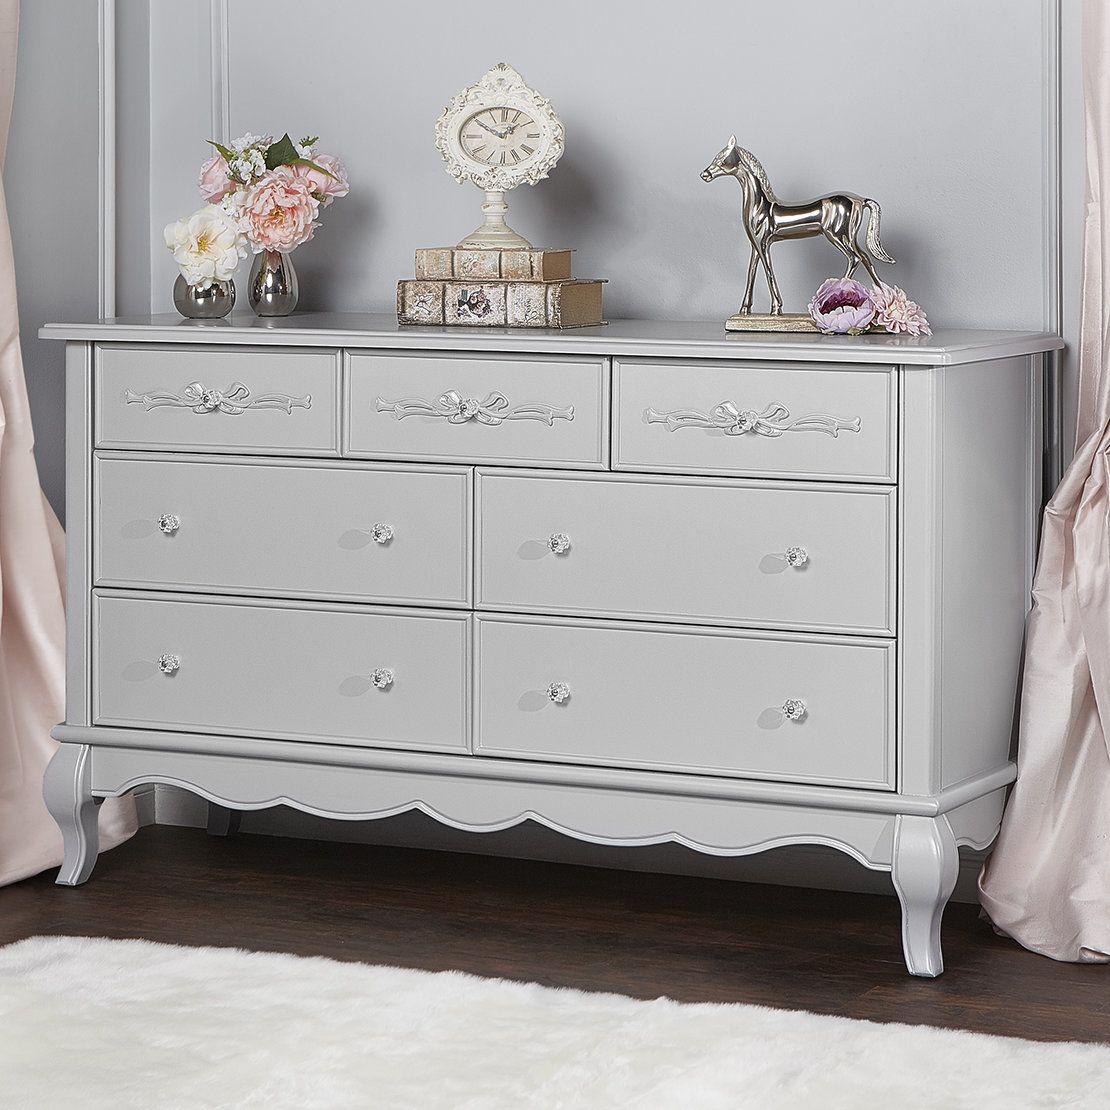 Aurora 7 Drawer Dresser Shabby Chic Dresser 7 Drawer Dresser Furniture [ 1110 x 1110 Pixel ]